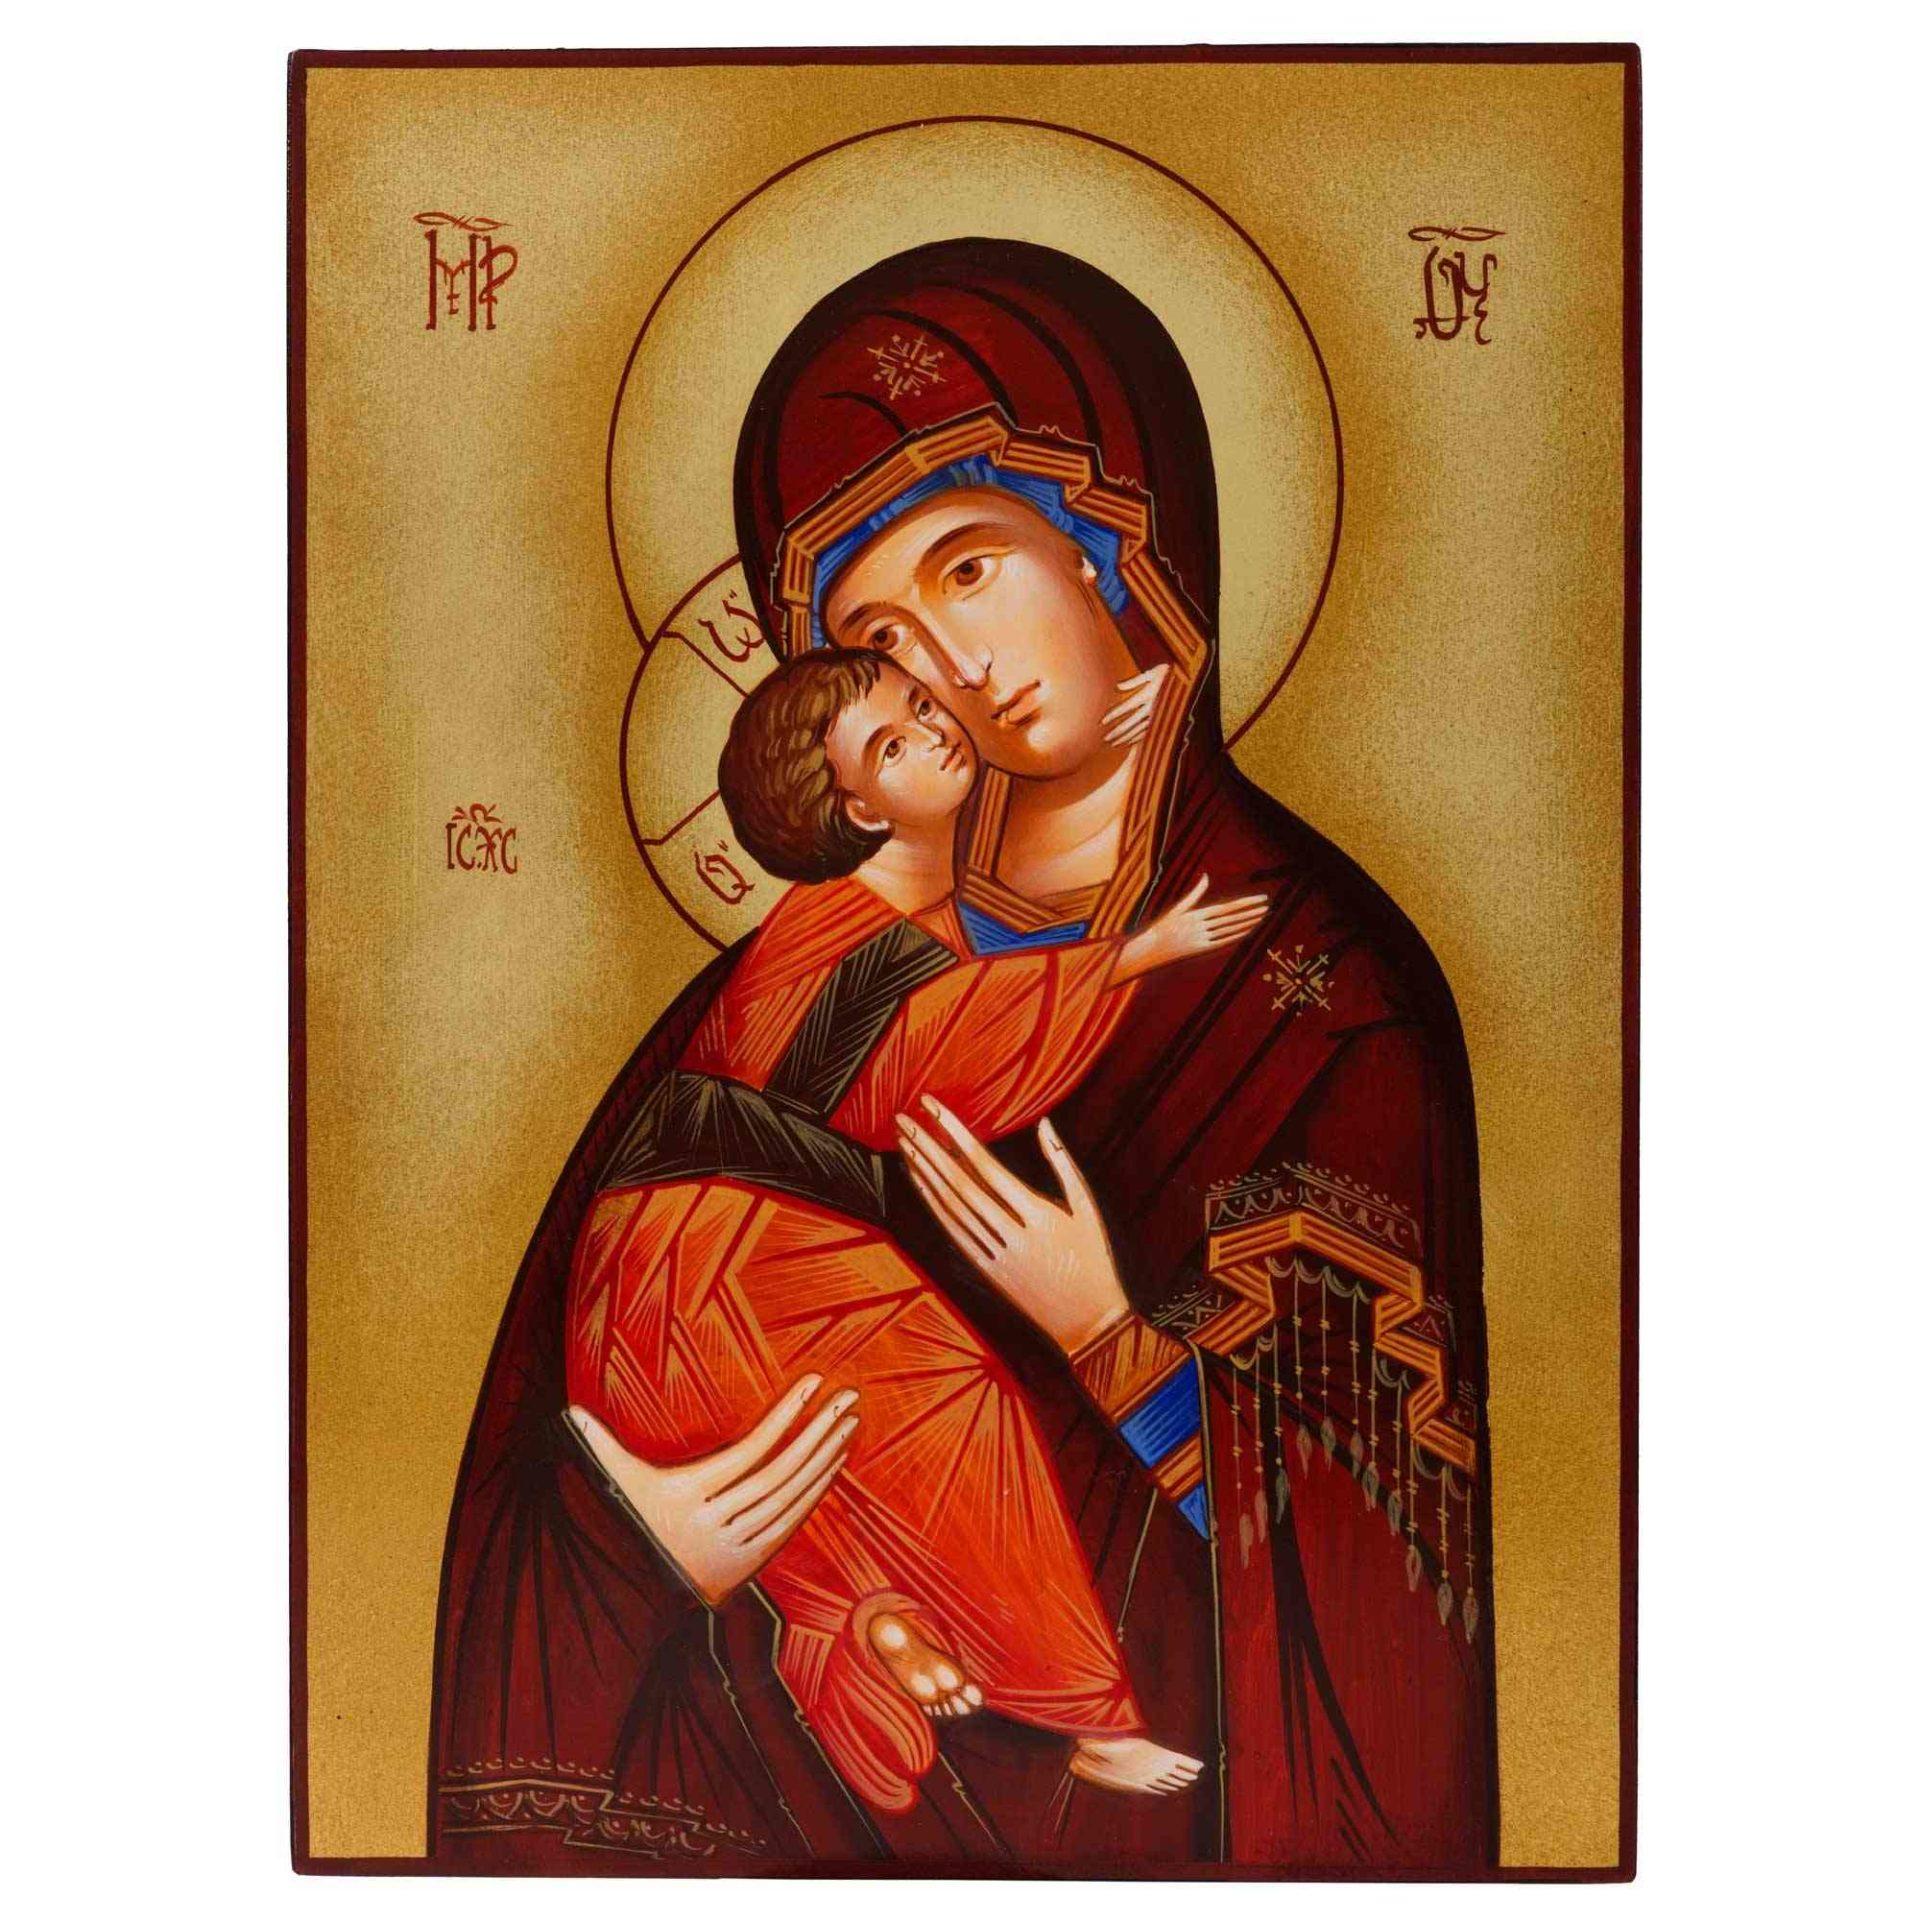 Santa Maria, donna obbediente, prega per noi